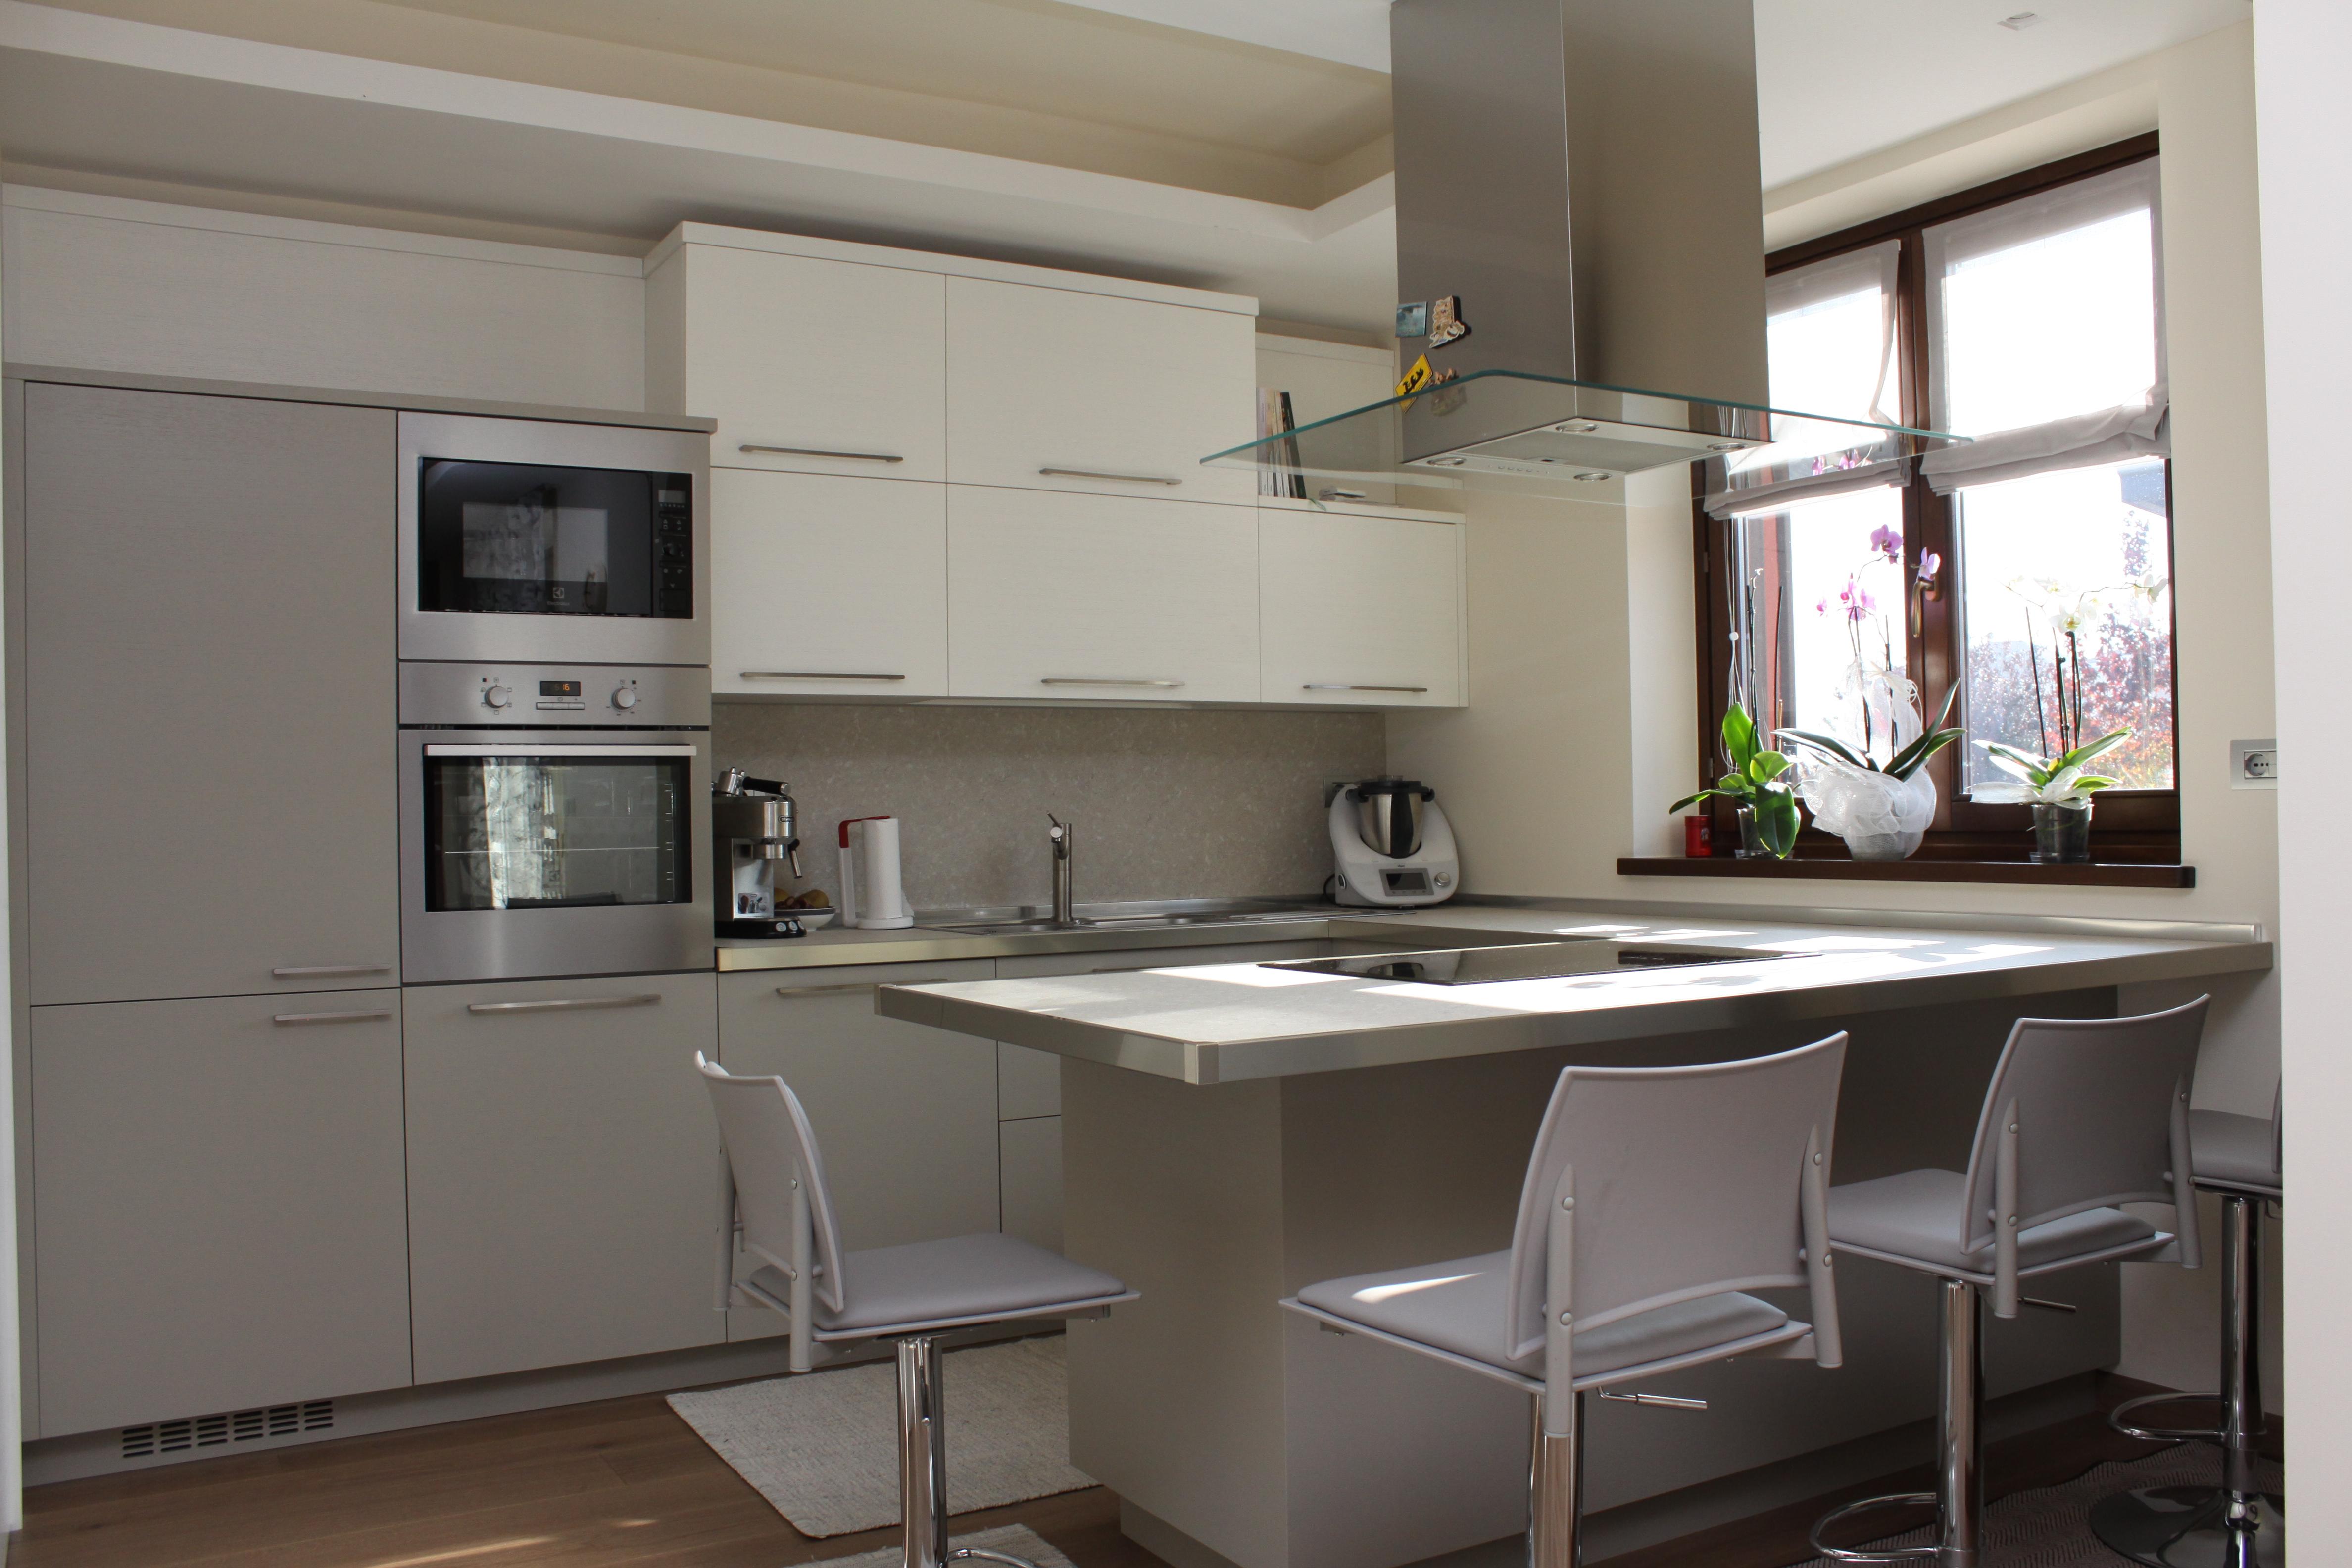 Cucine cuneo prezzi cucine cuneo offerte cucine cuneo for Cucine catalogo